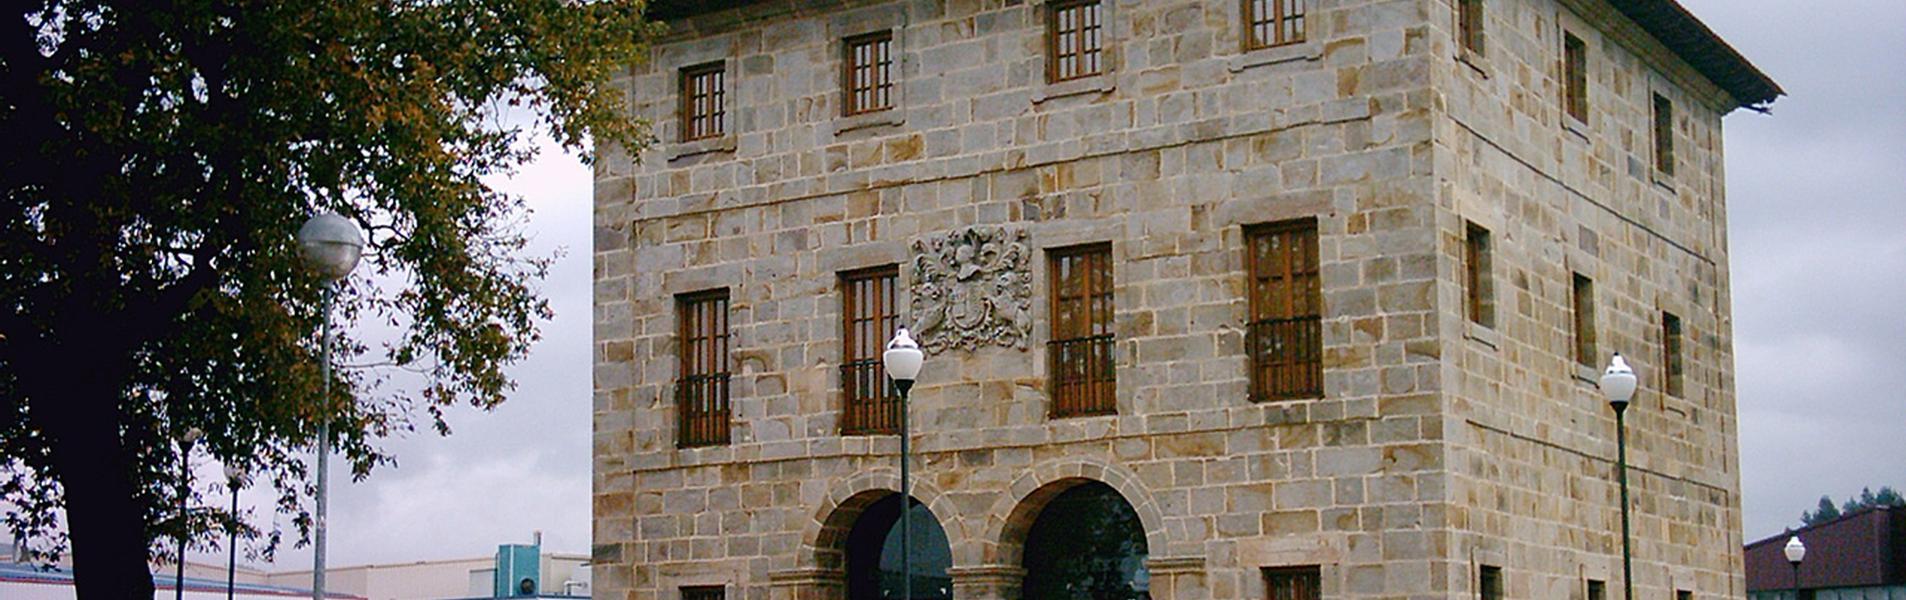 Palacio Larragoiti